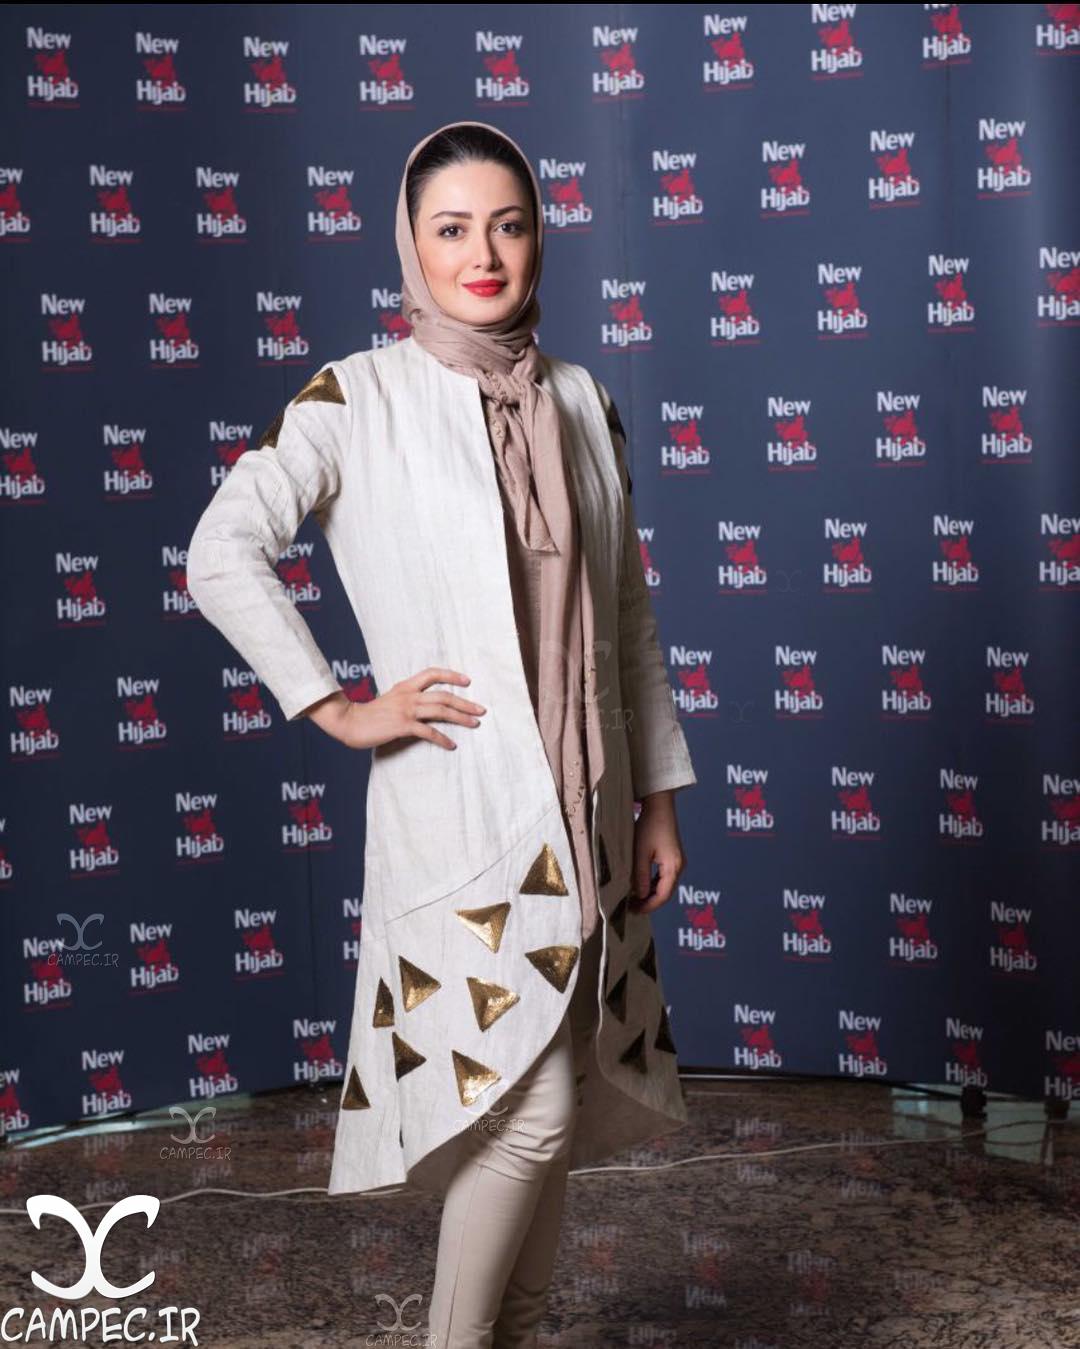 عکس شیلا خداداد در فروشگاه برند نیو حجاب , عکس بازیگران